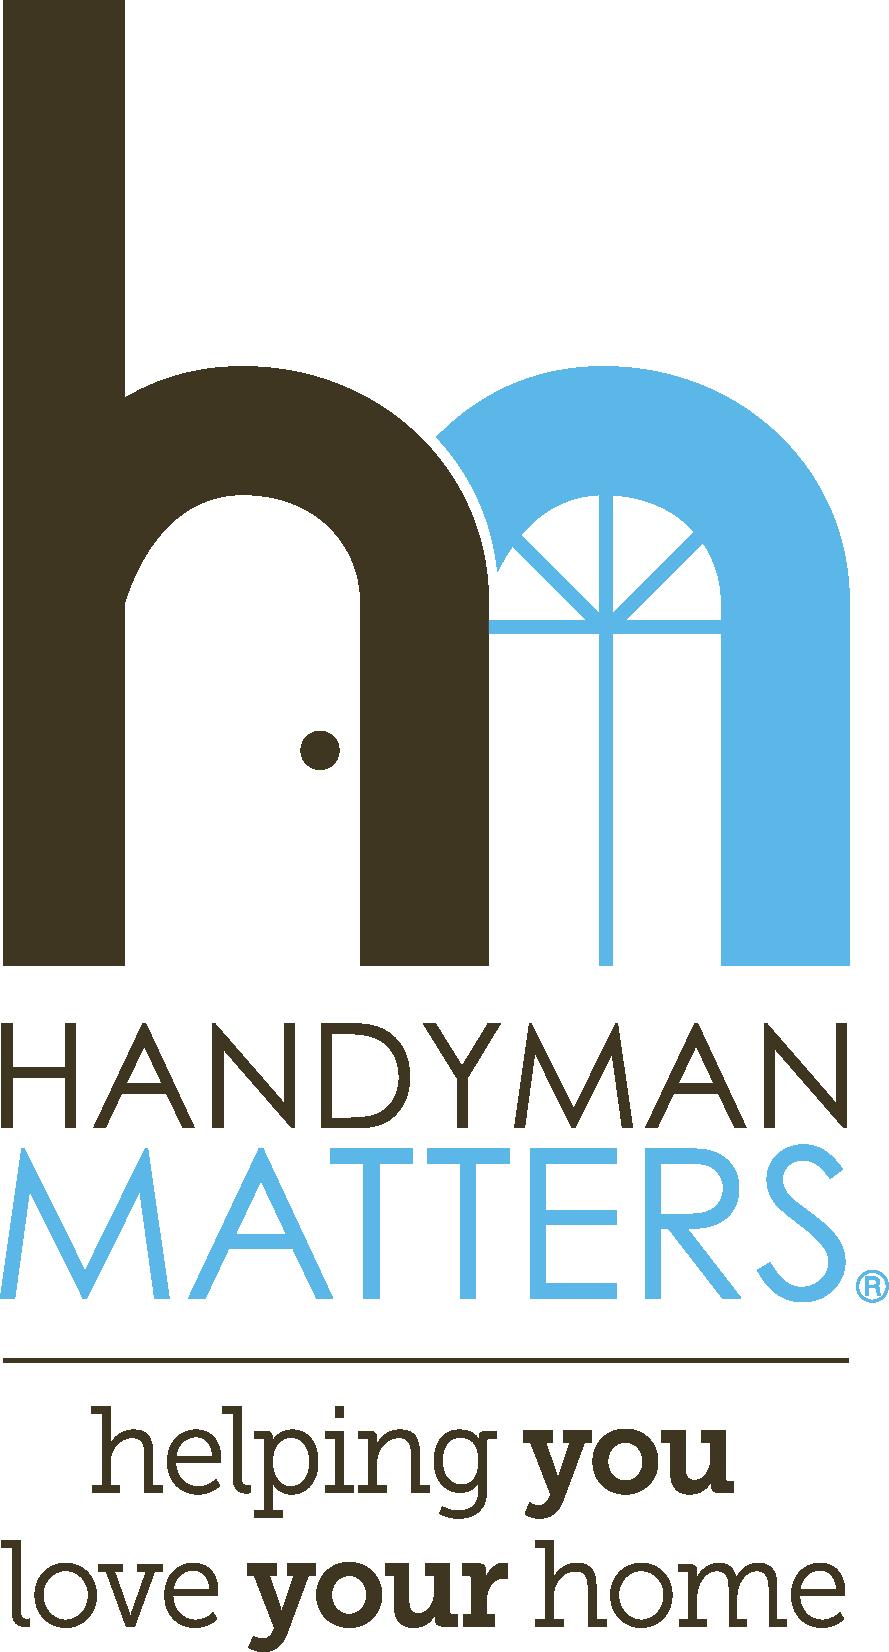 Handyman clipart home improvement. Matters chicago better business